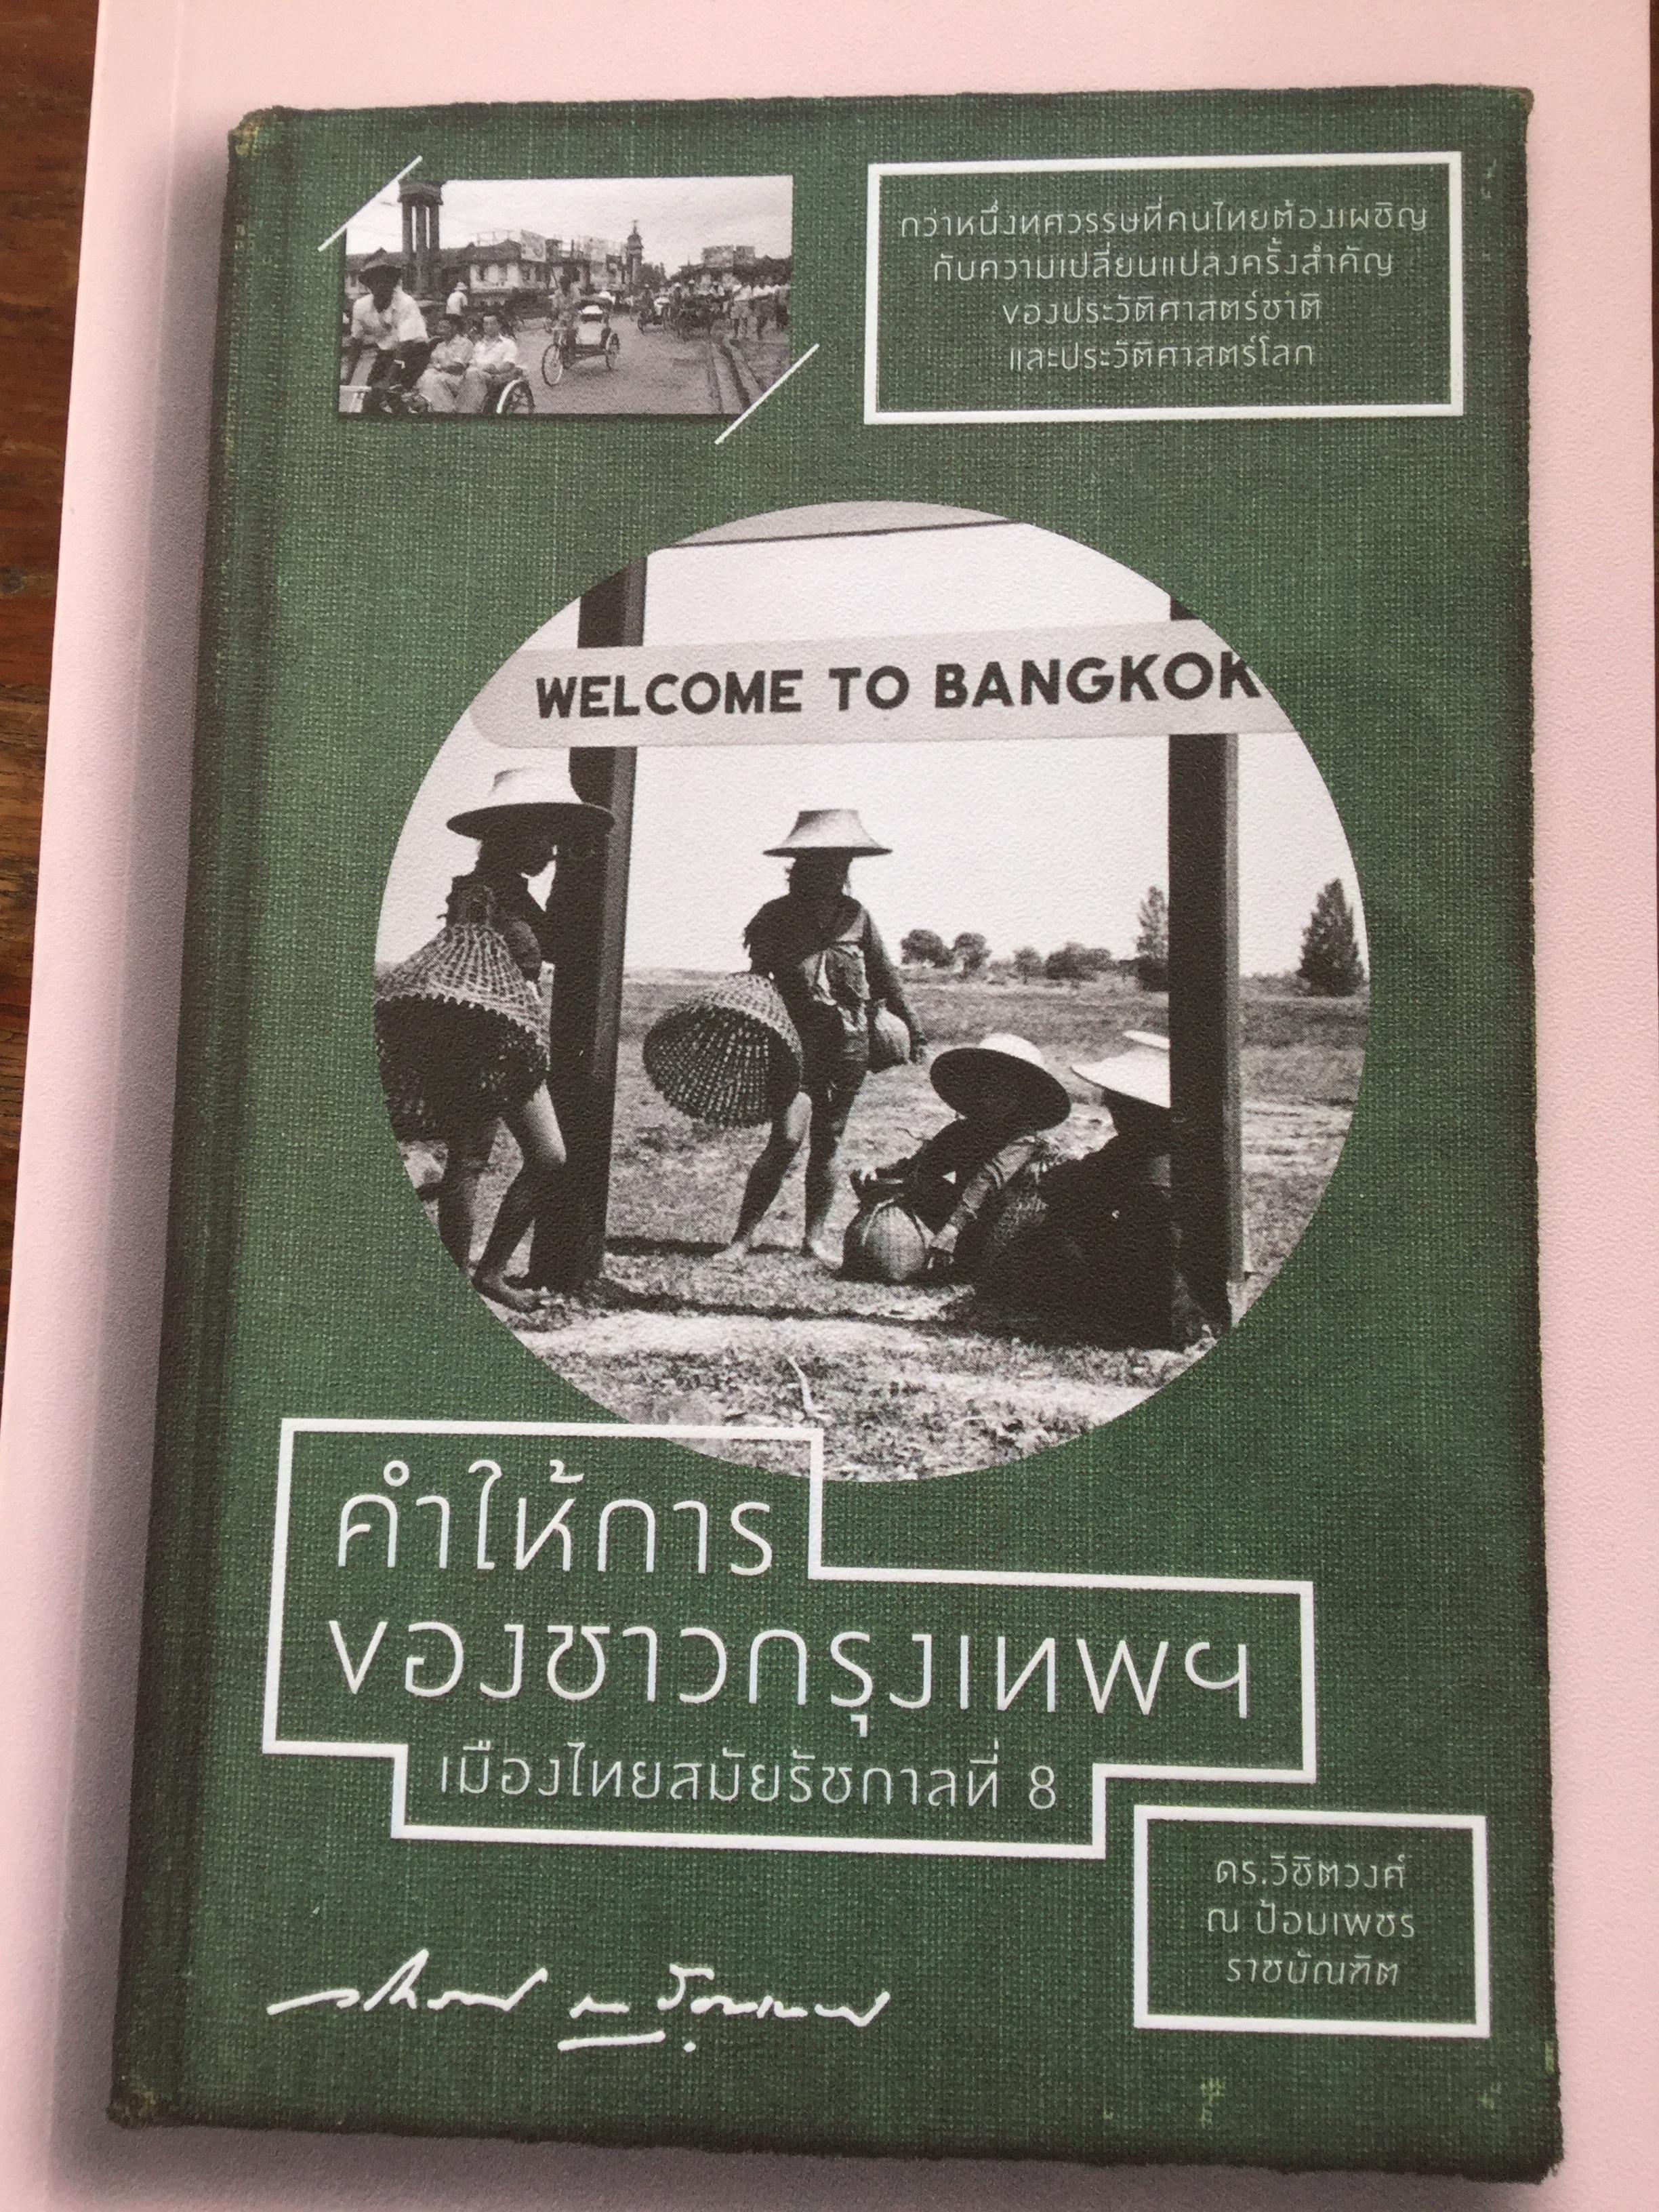 คำให้การของชาวกรุงเทพฯ เมืองไทยสมัยรัชกาลที่ 8 กว่าหนึ่งทศวรรษที่คนไทยต้องเผชิญกับความเปลี่ยนแปลงครั้งสำคัญของประวัติศาสตร์ชาติและประวัติศาสตร์โลก. ผู้เขียน ดร.วิชิตวงศ์ ณ ป้อมเพชร ราชบัณฑิต